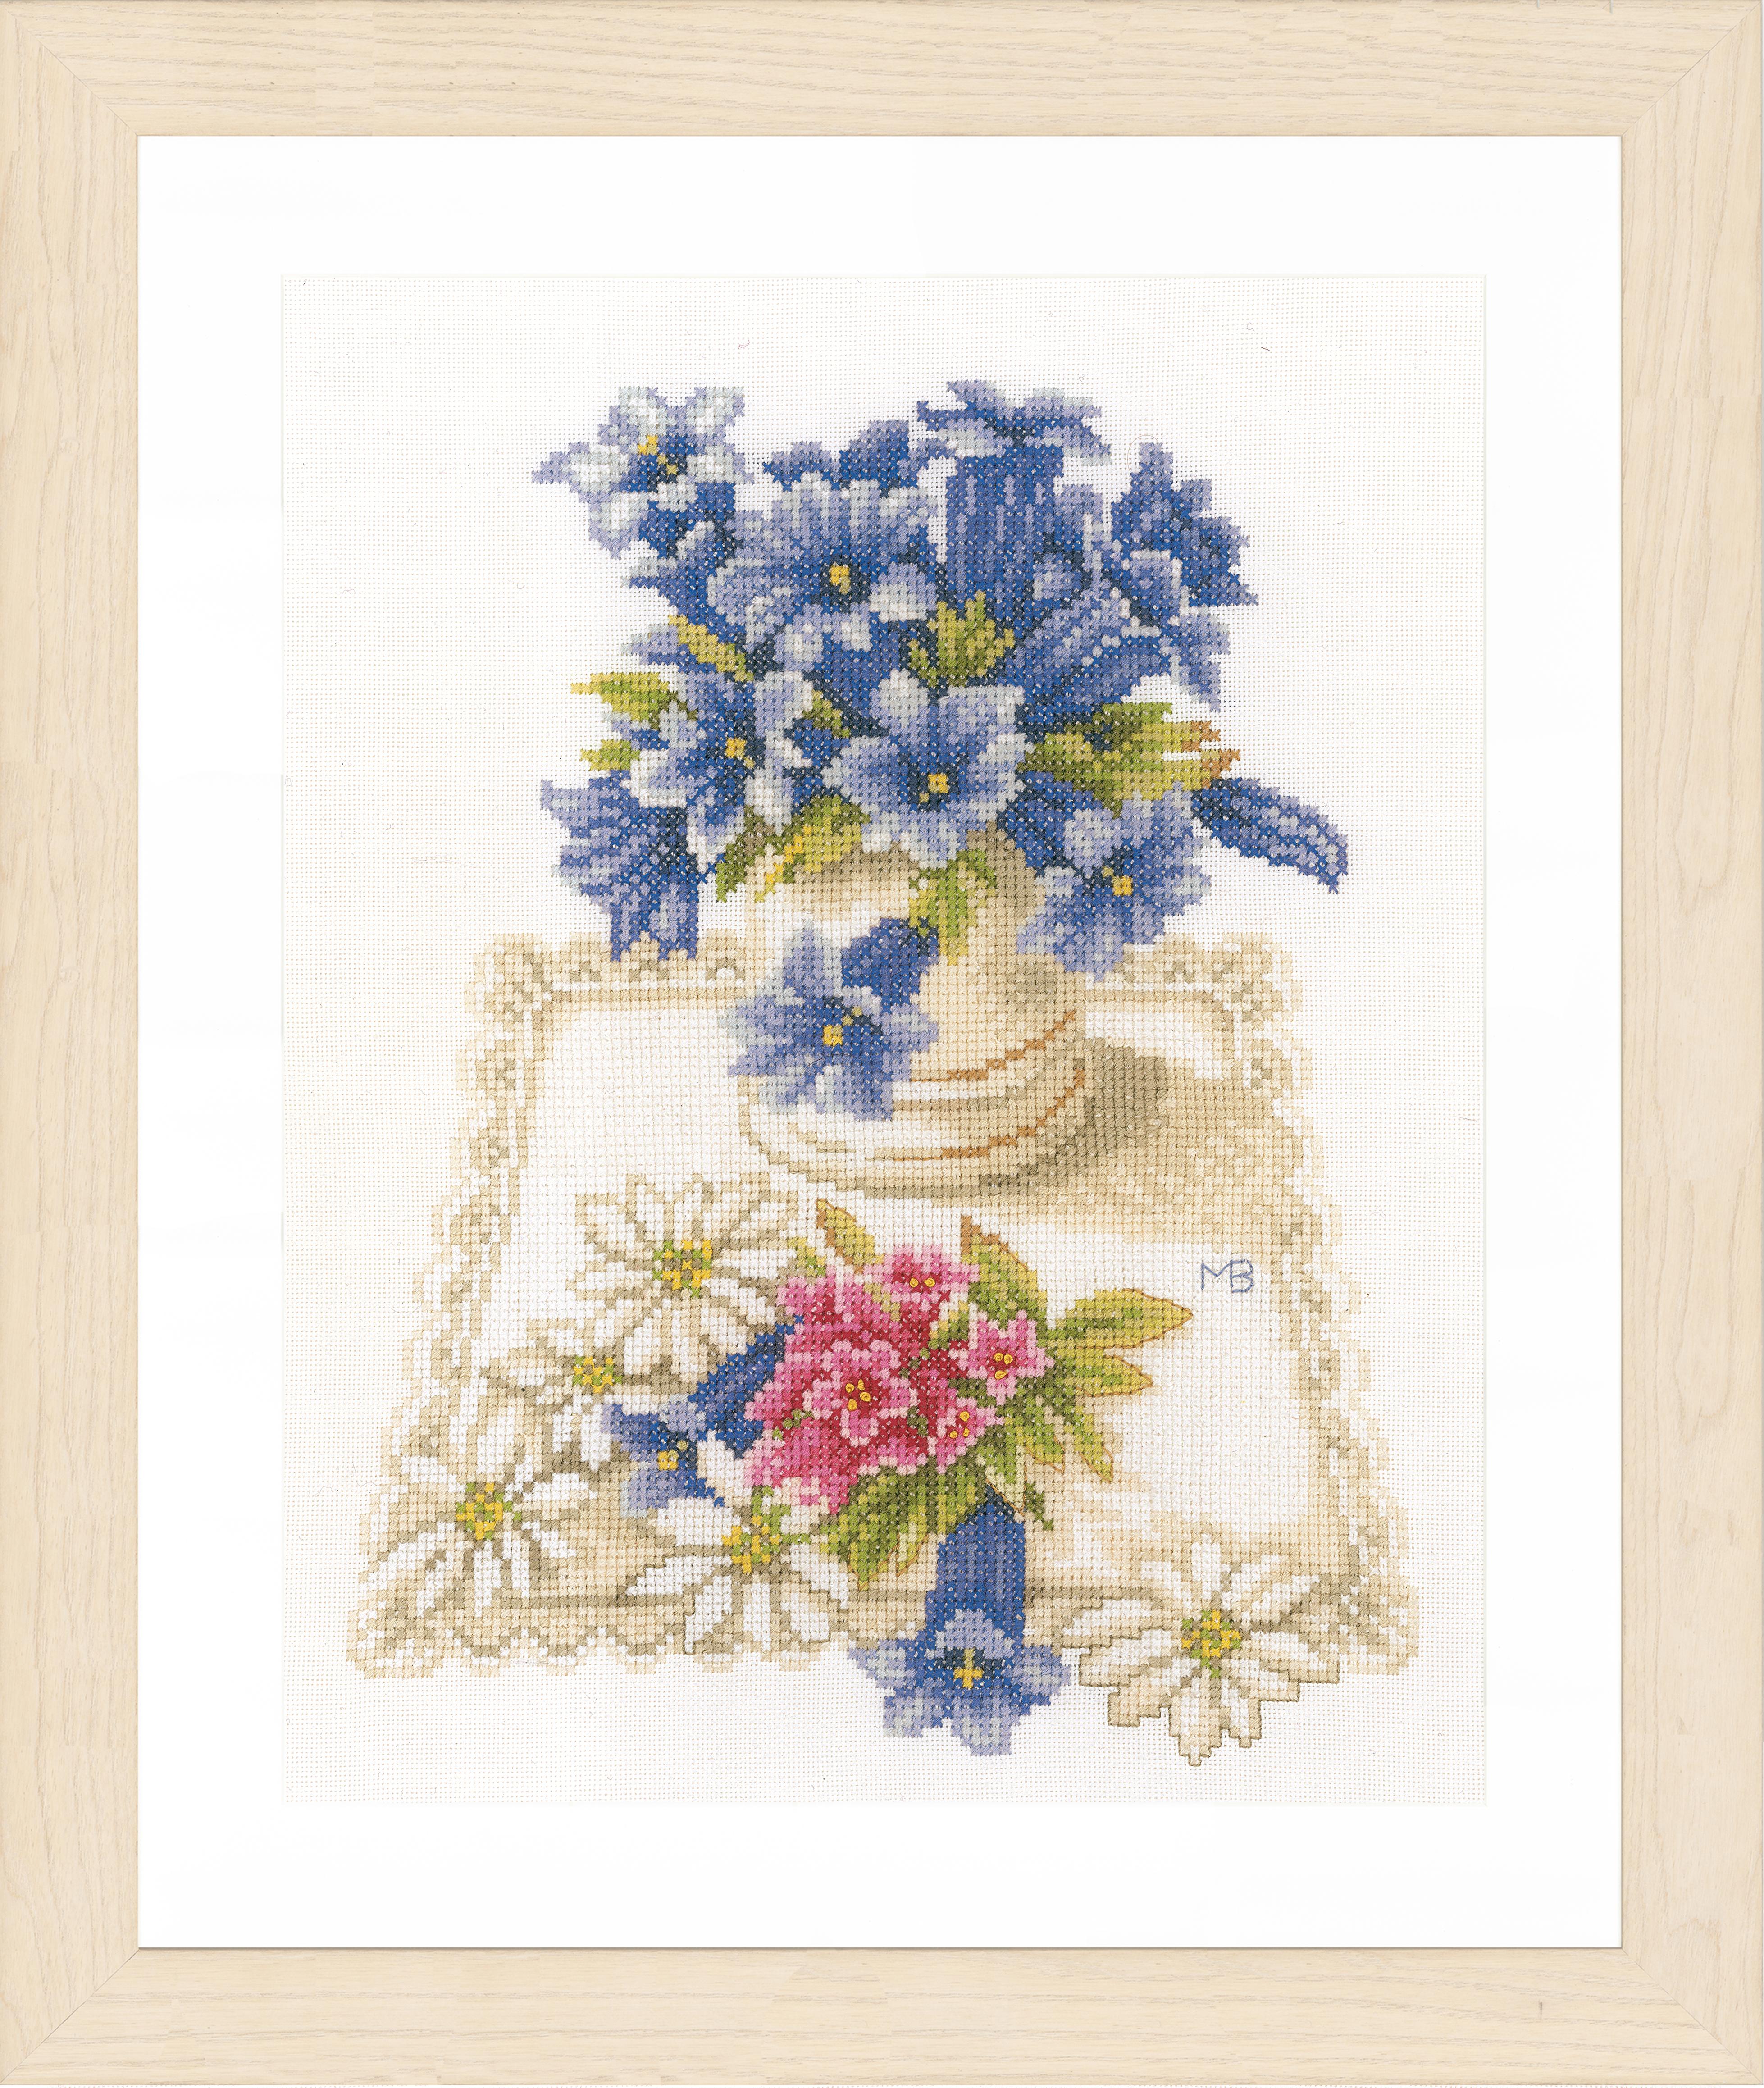 1x Compté Cross Thread Stitch Kit Fleurs Bleu Evenweave Sewing Craft Tool Uk-afficher Le Titre D'origine Circulation Sanguine Tonifiante Et Douleurs D'ArrêT